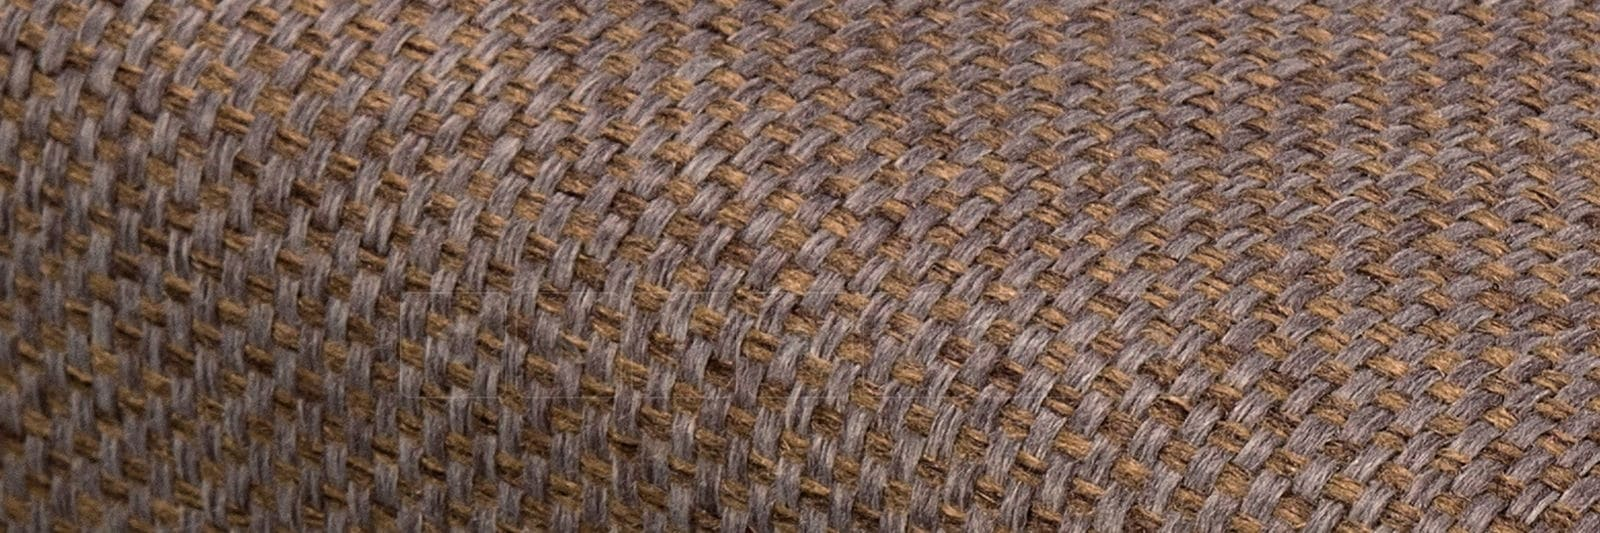 Угловой диван Турин коричневый фото 9 | интернет-магазин Складно